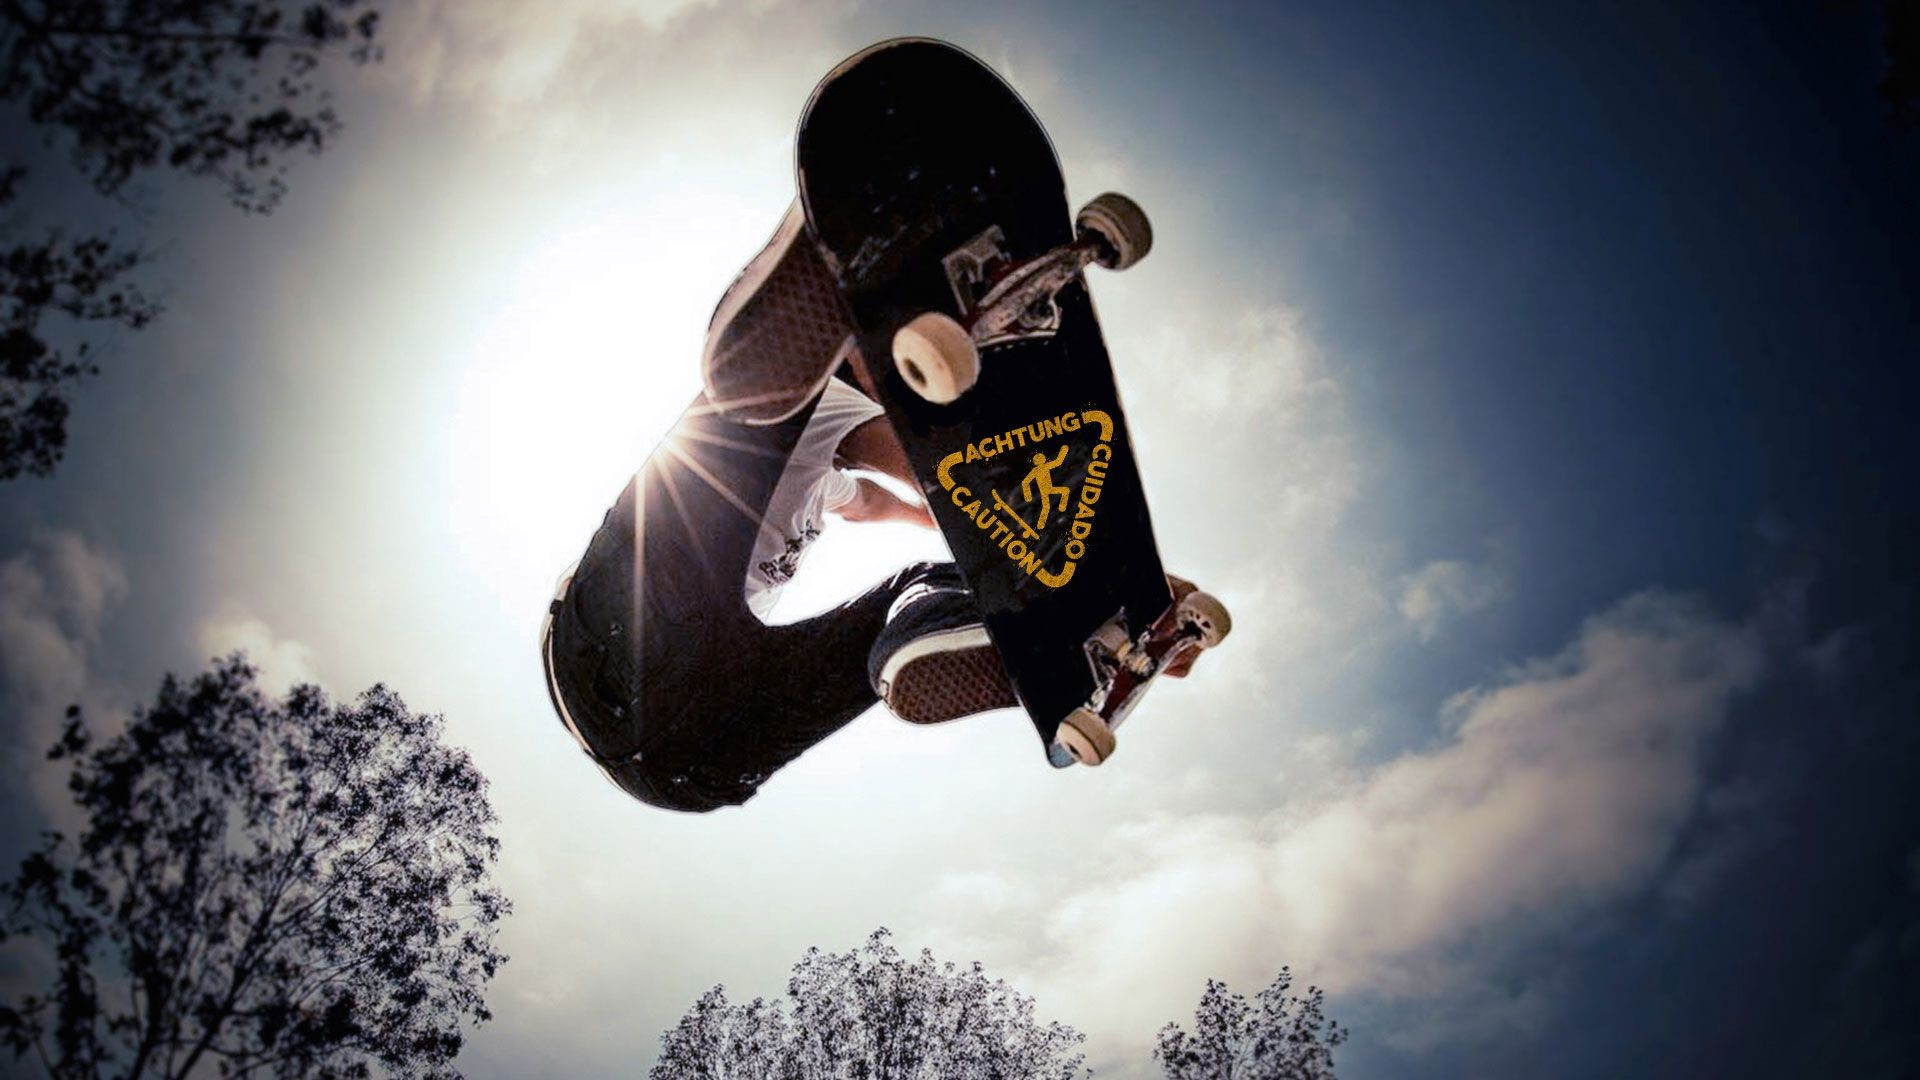 Skater Girl Wallpaper Posted By Samantha Johnson